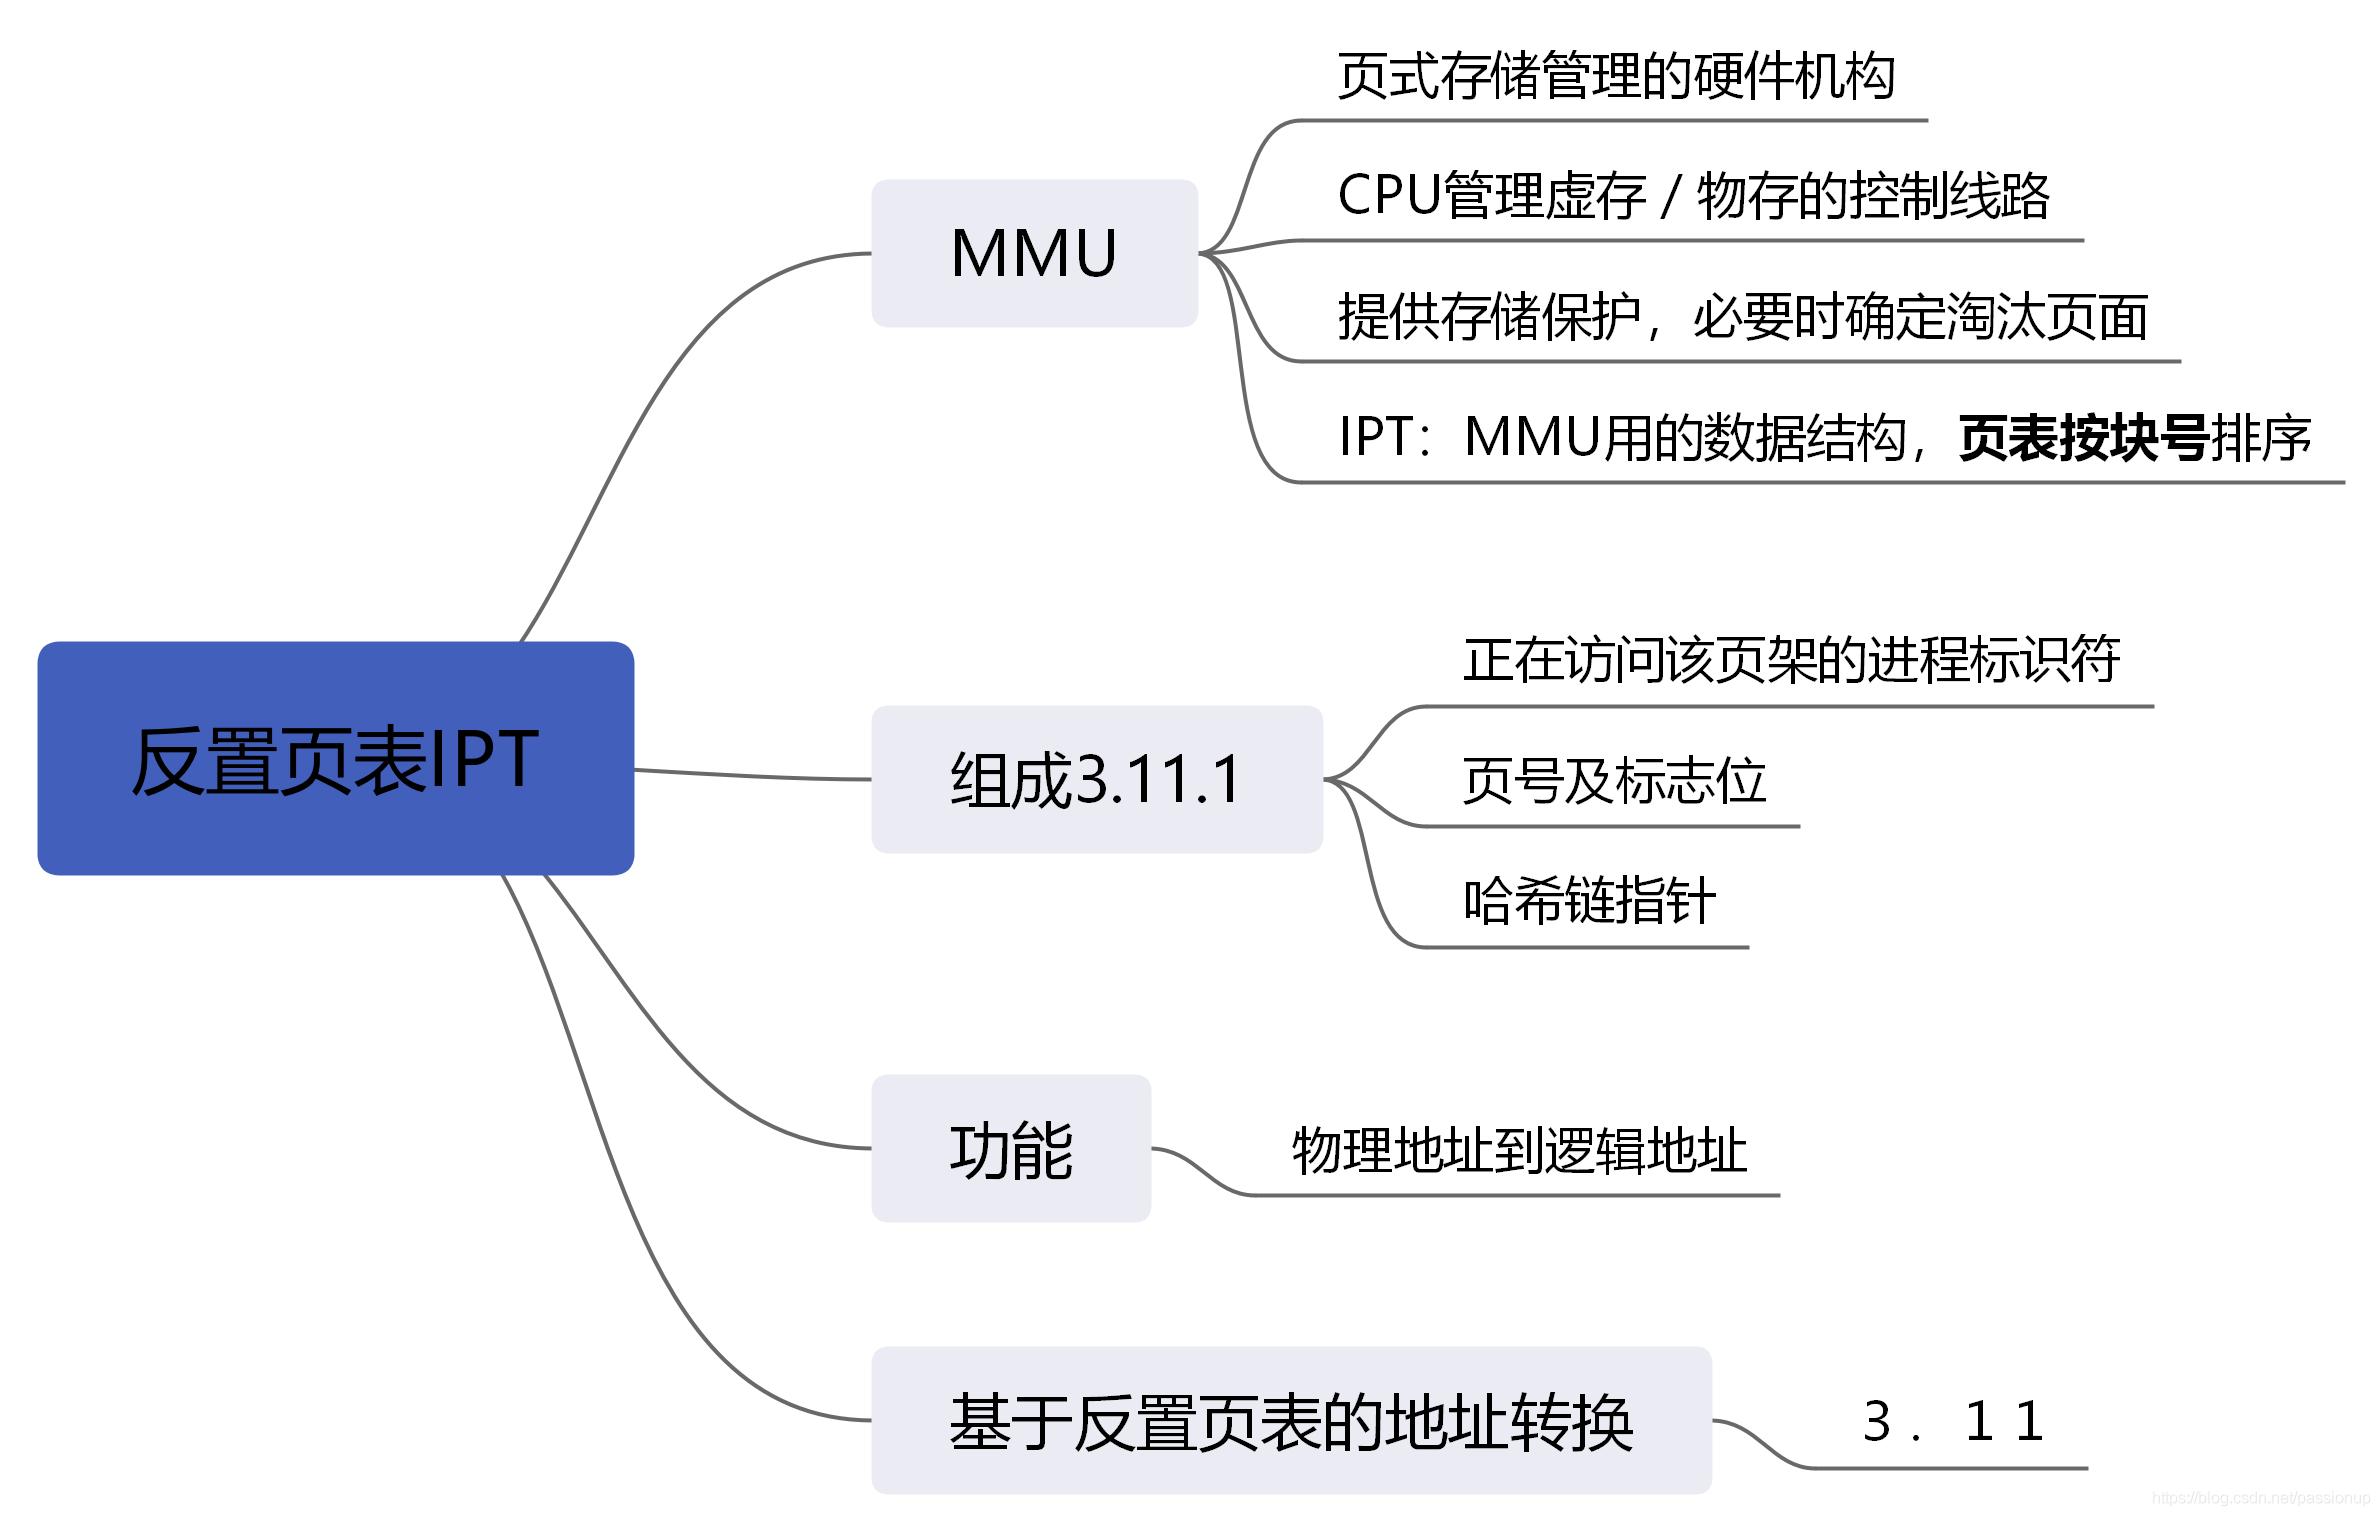 [外链图片转存失败,源站可能有防盗链机制,建议将图片保存下来直接上传(img-NkUhXtbd-1586167946693)(3_存储管理.assets/反置页表IPT3.11.png)]